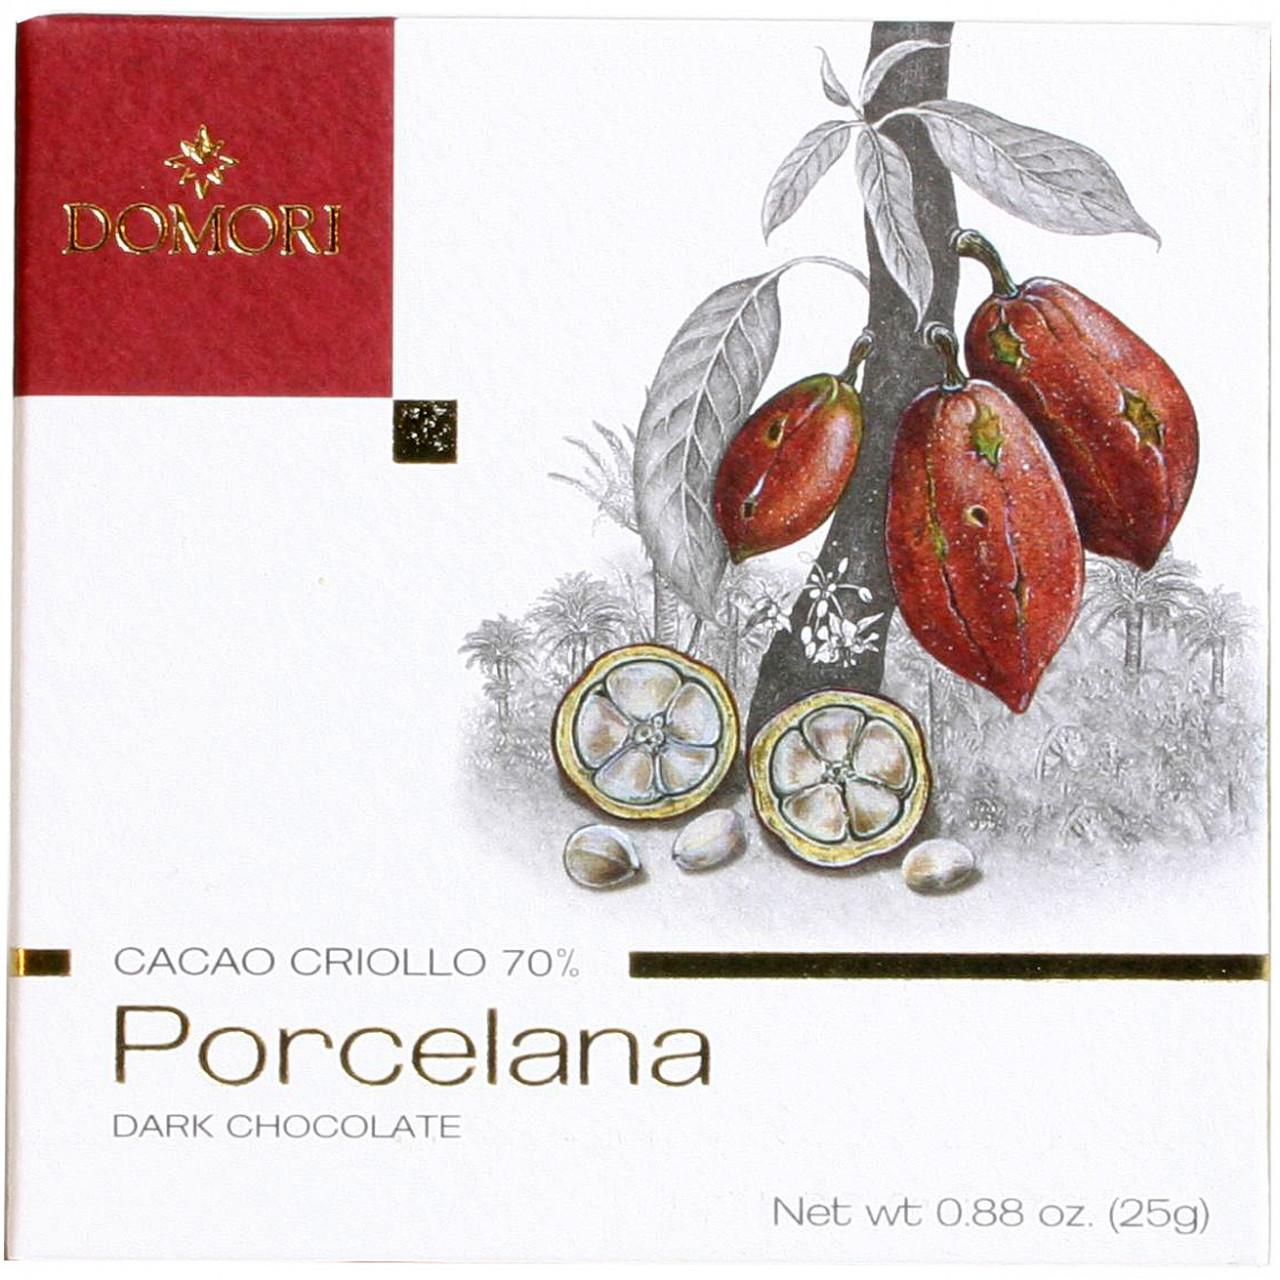 Schokolade, Porcelana Schokolade, Criollo, seltene Schokolade, dark chocolate, chocolat noir                                                                                                             - Barras de chocolate, Italia, chocolate italiano, Chocolate con azúcar - Chocolats-De-Luxe